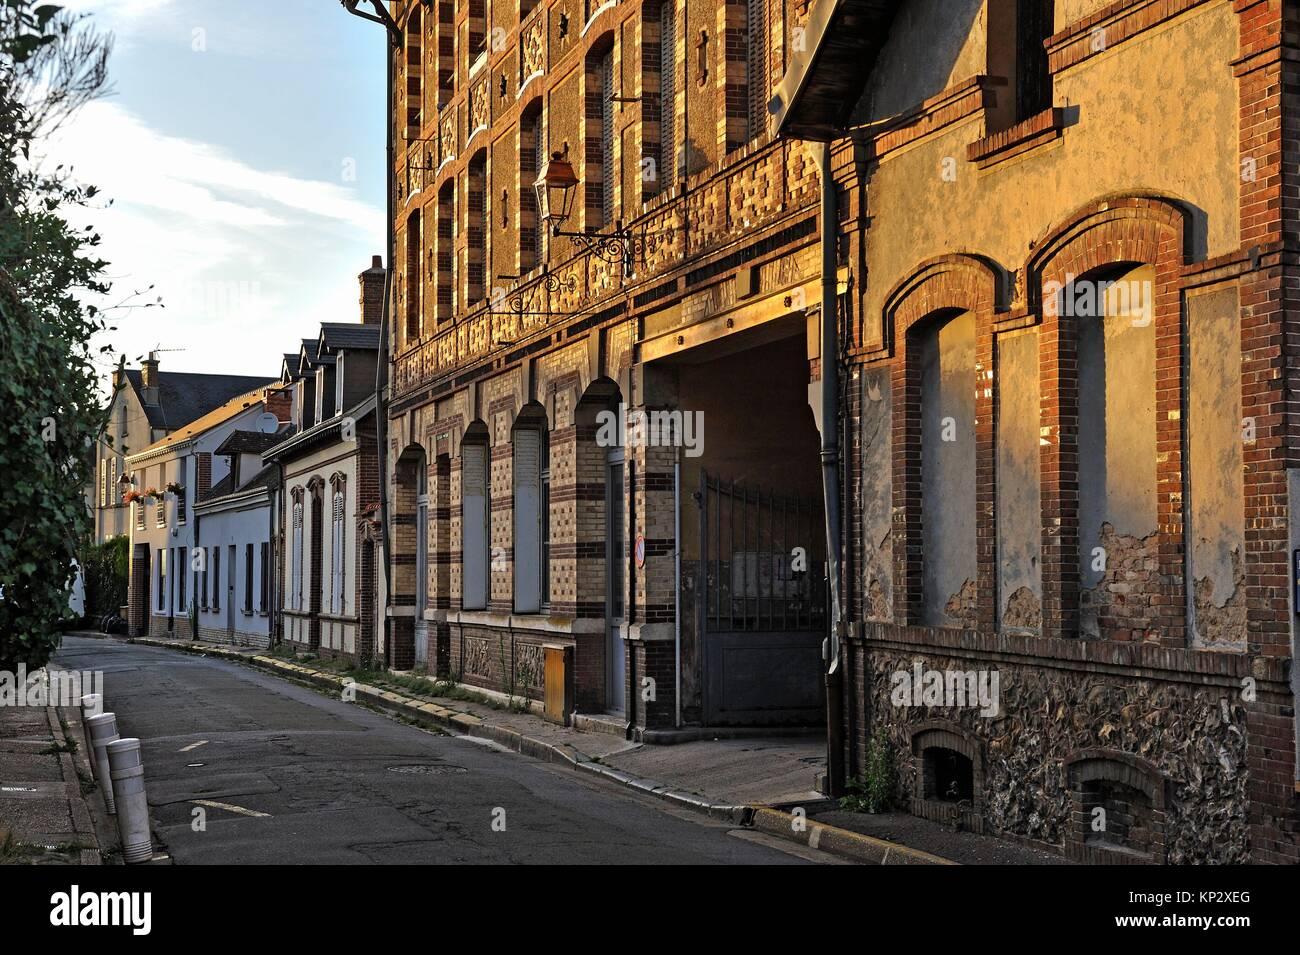 Villageoise de l'architecture typique des régions et Thymerais Drouais, Nogent-le-Roi, département Photo Stock